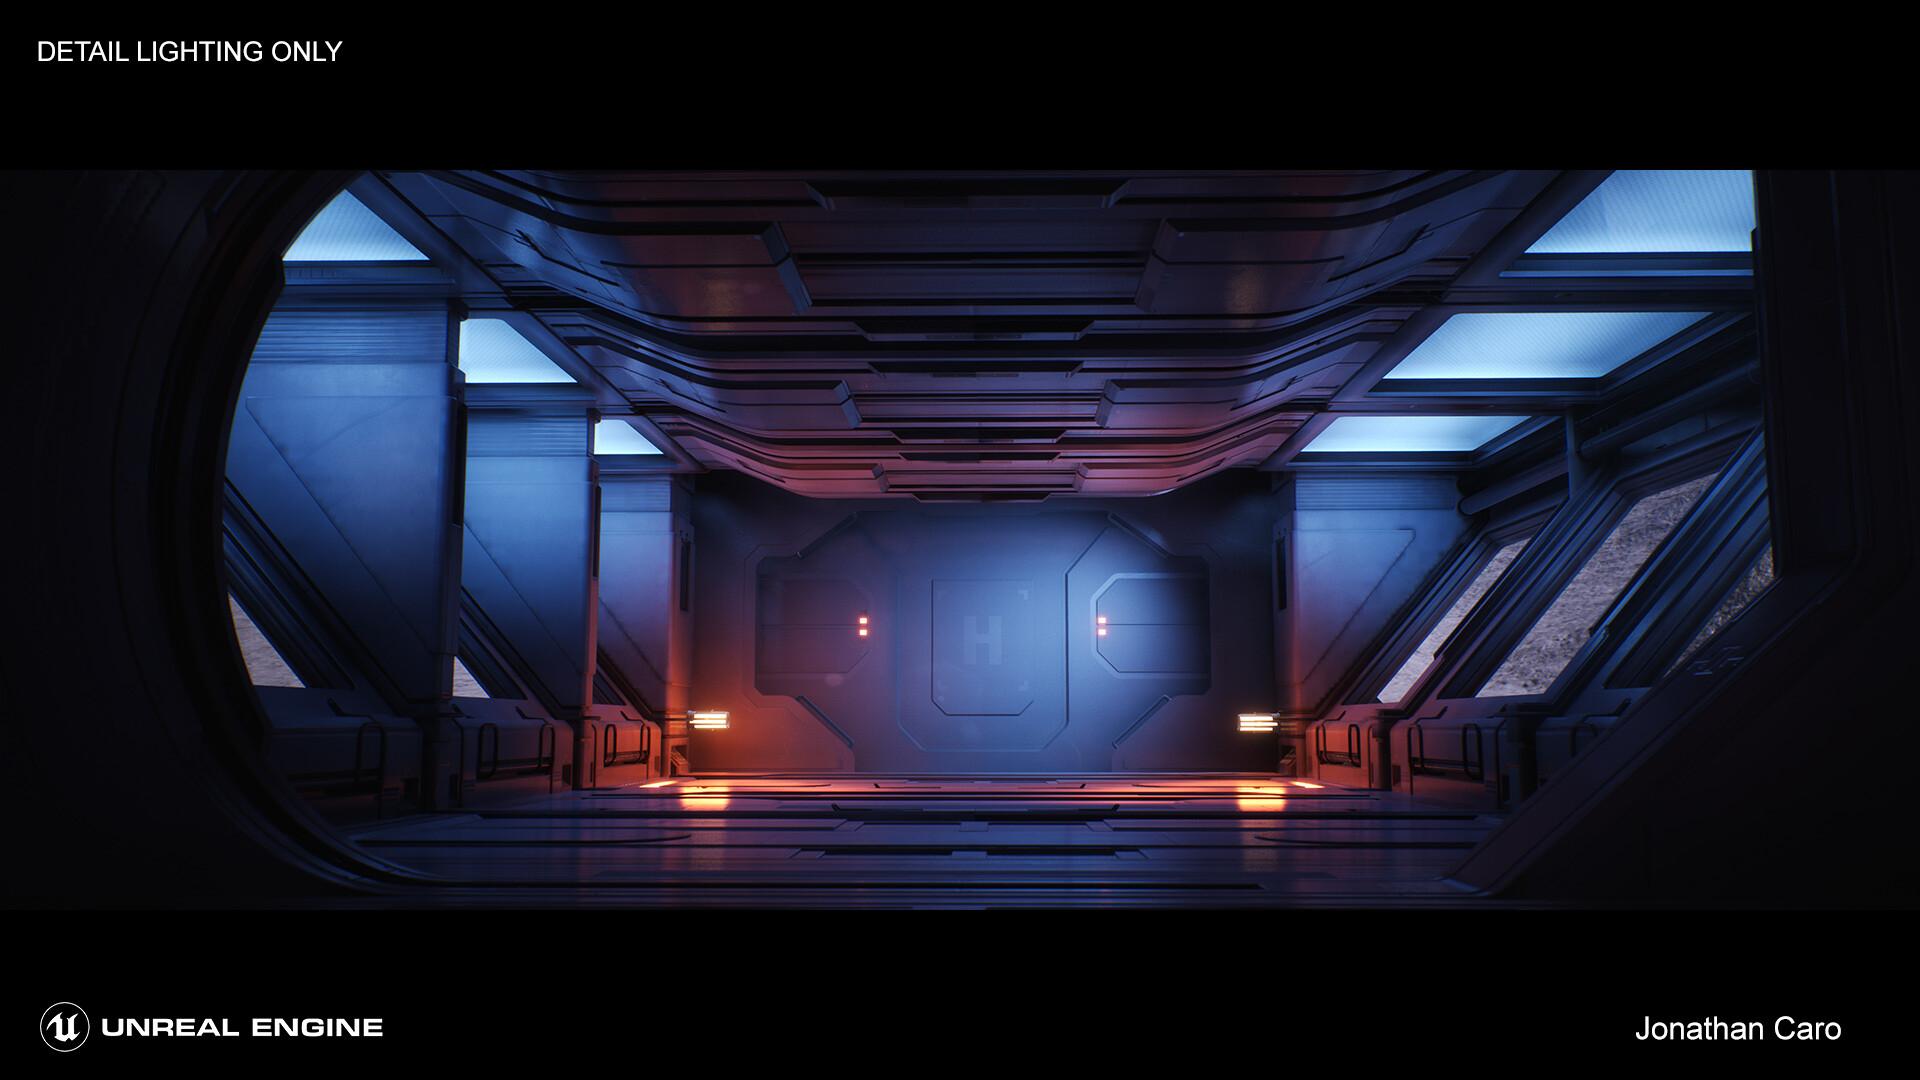 Jonathan caro joncaro unreallightstudy shot04 detaillight